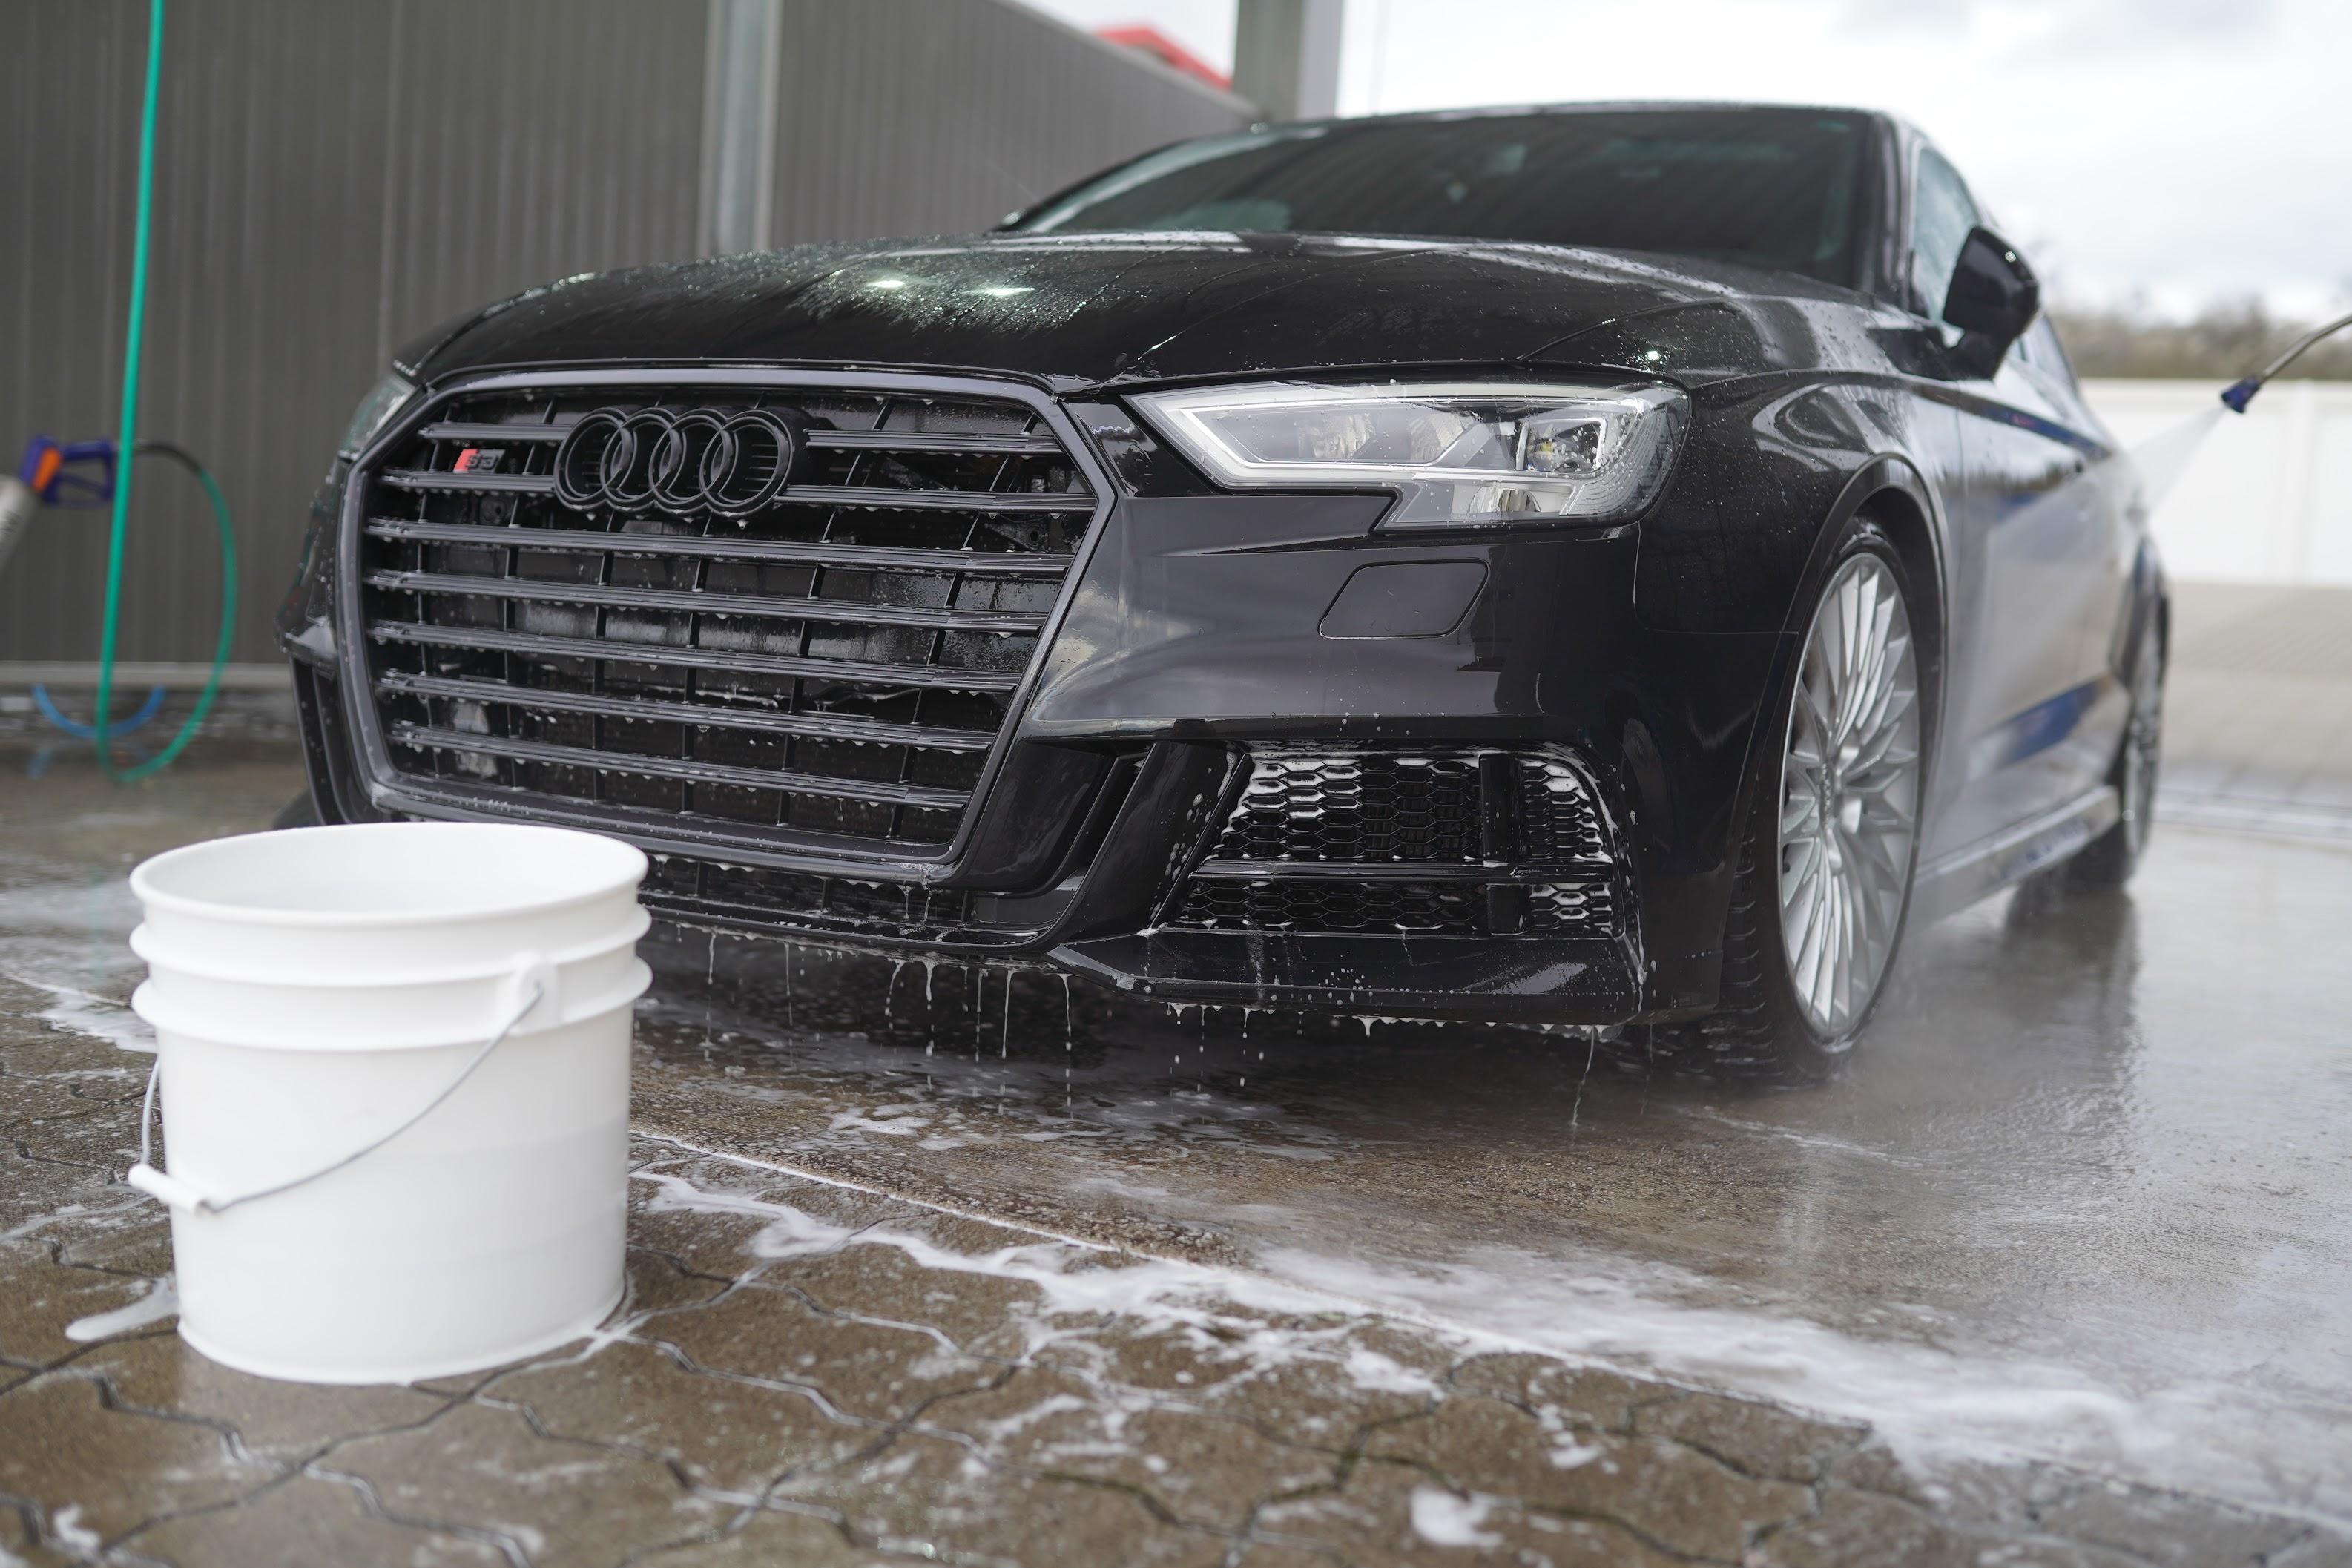 Fahrzeugpflege im Winter Eimerwäsche